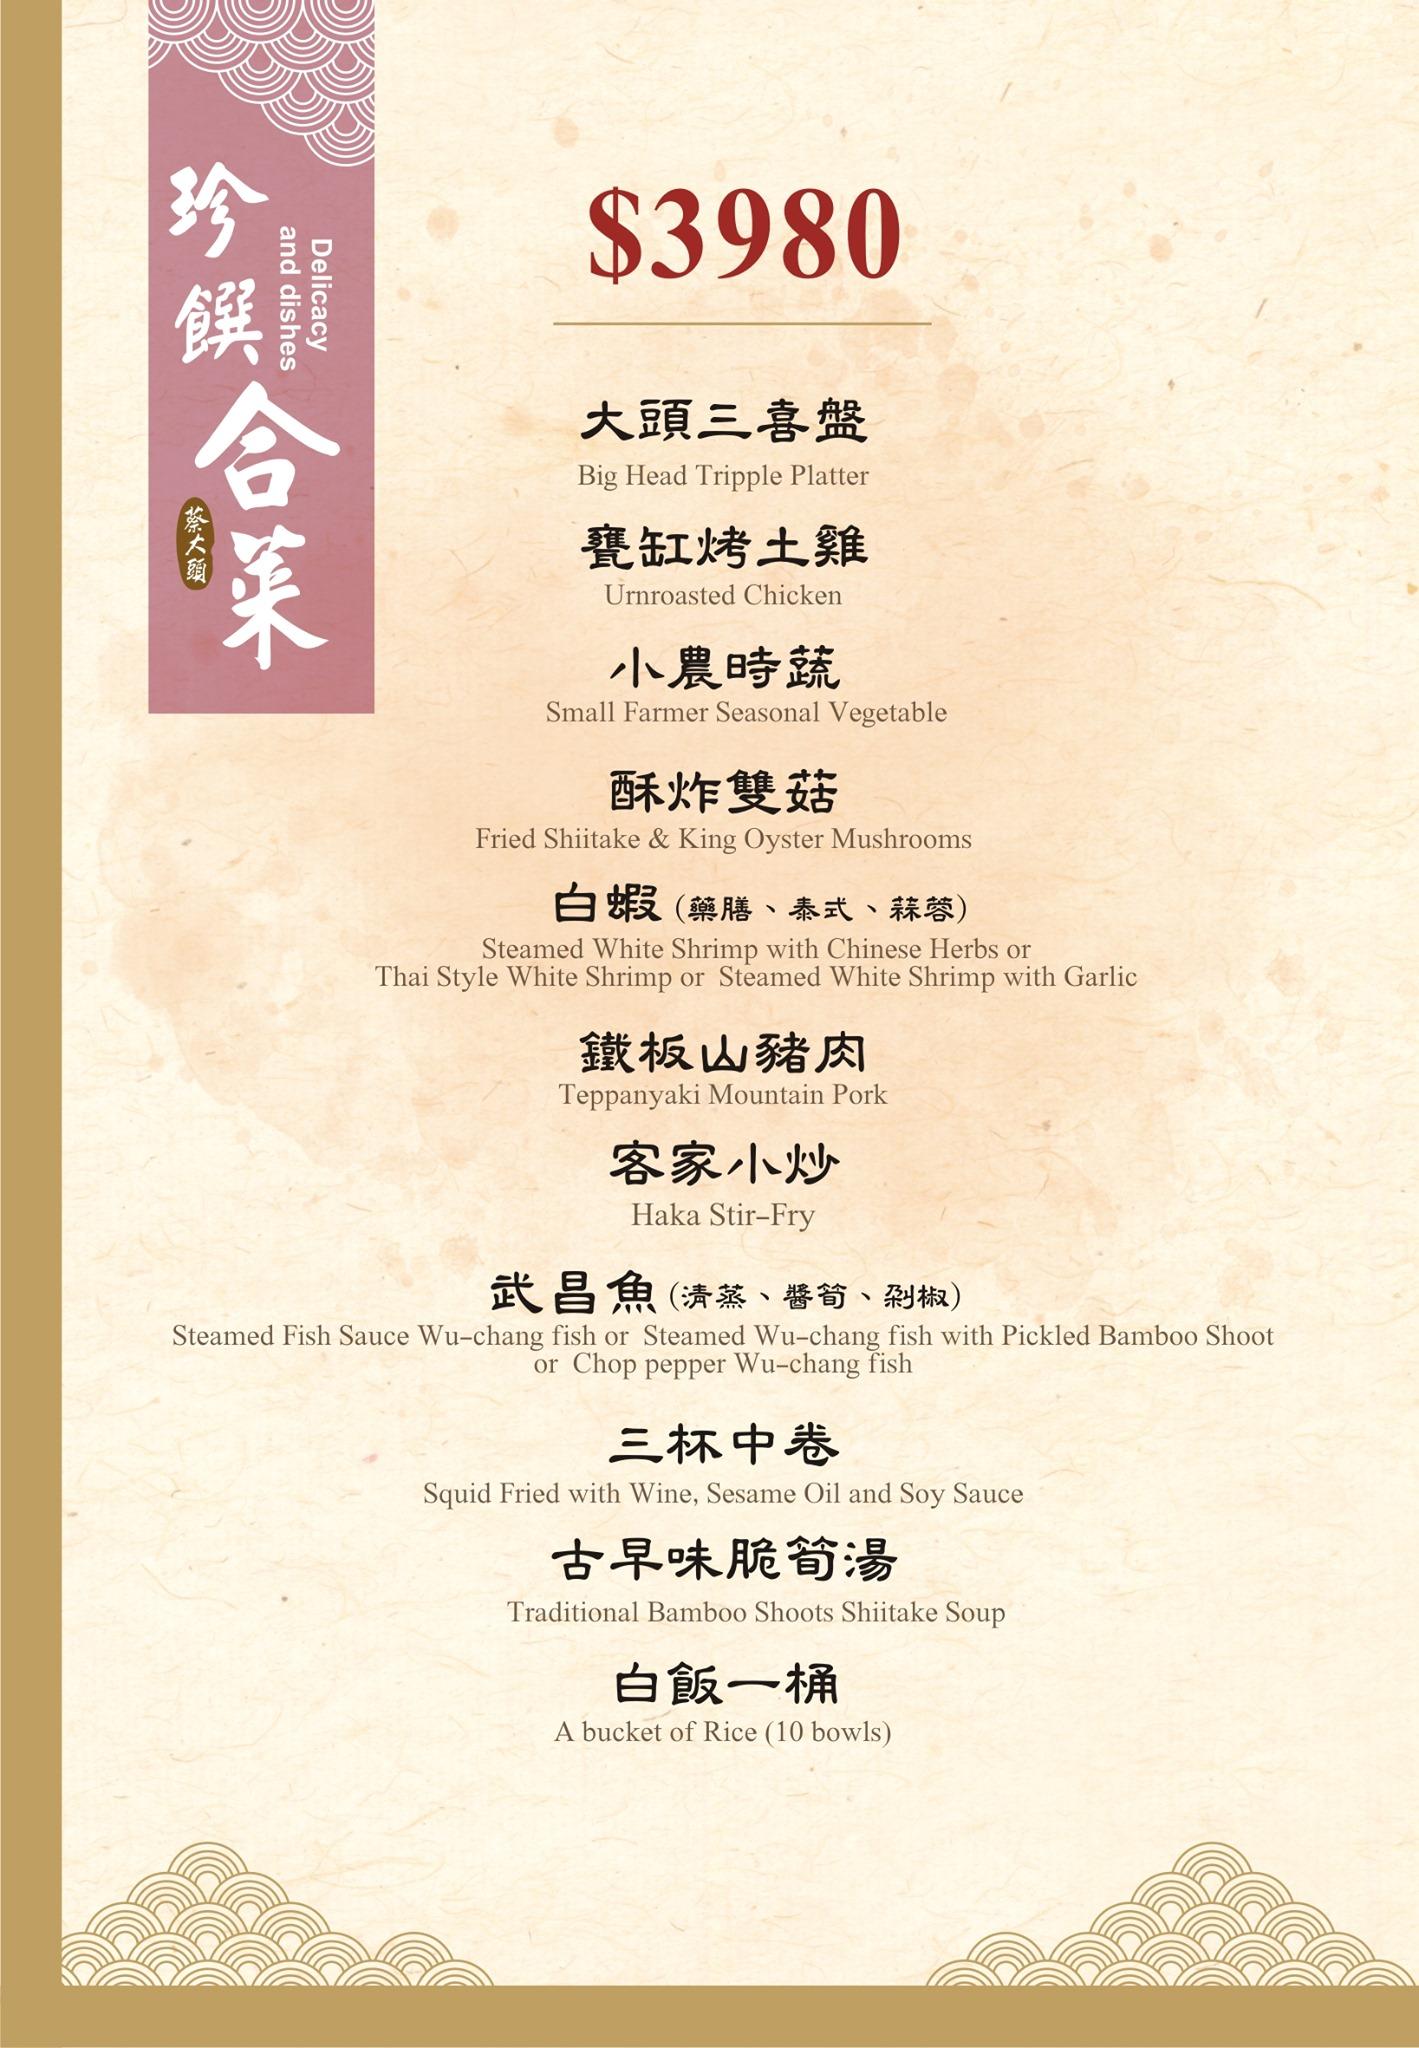 蔡大頭甕烤雞。阿里山下的山產河鮮|中埔鄉合菜